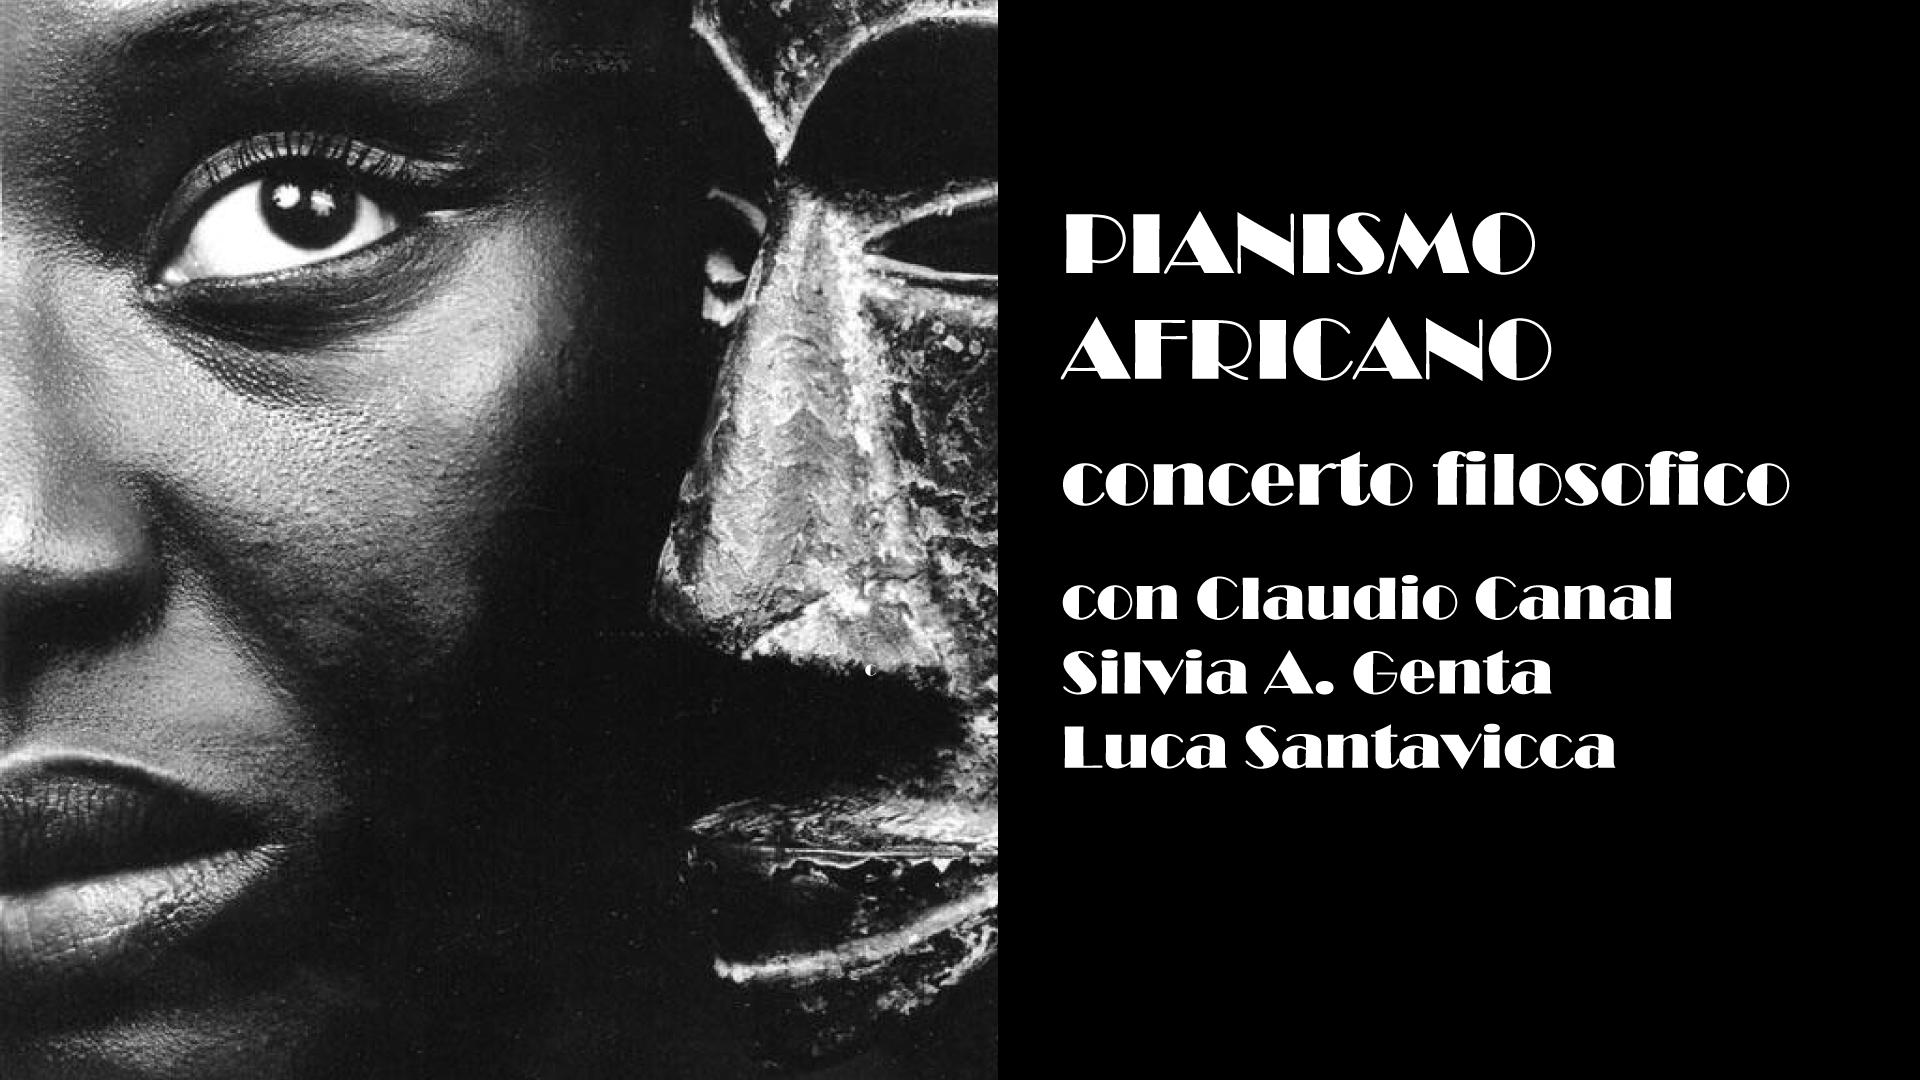 Pianismo-Africano c FB